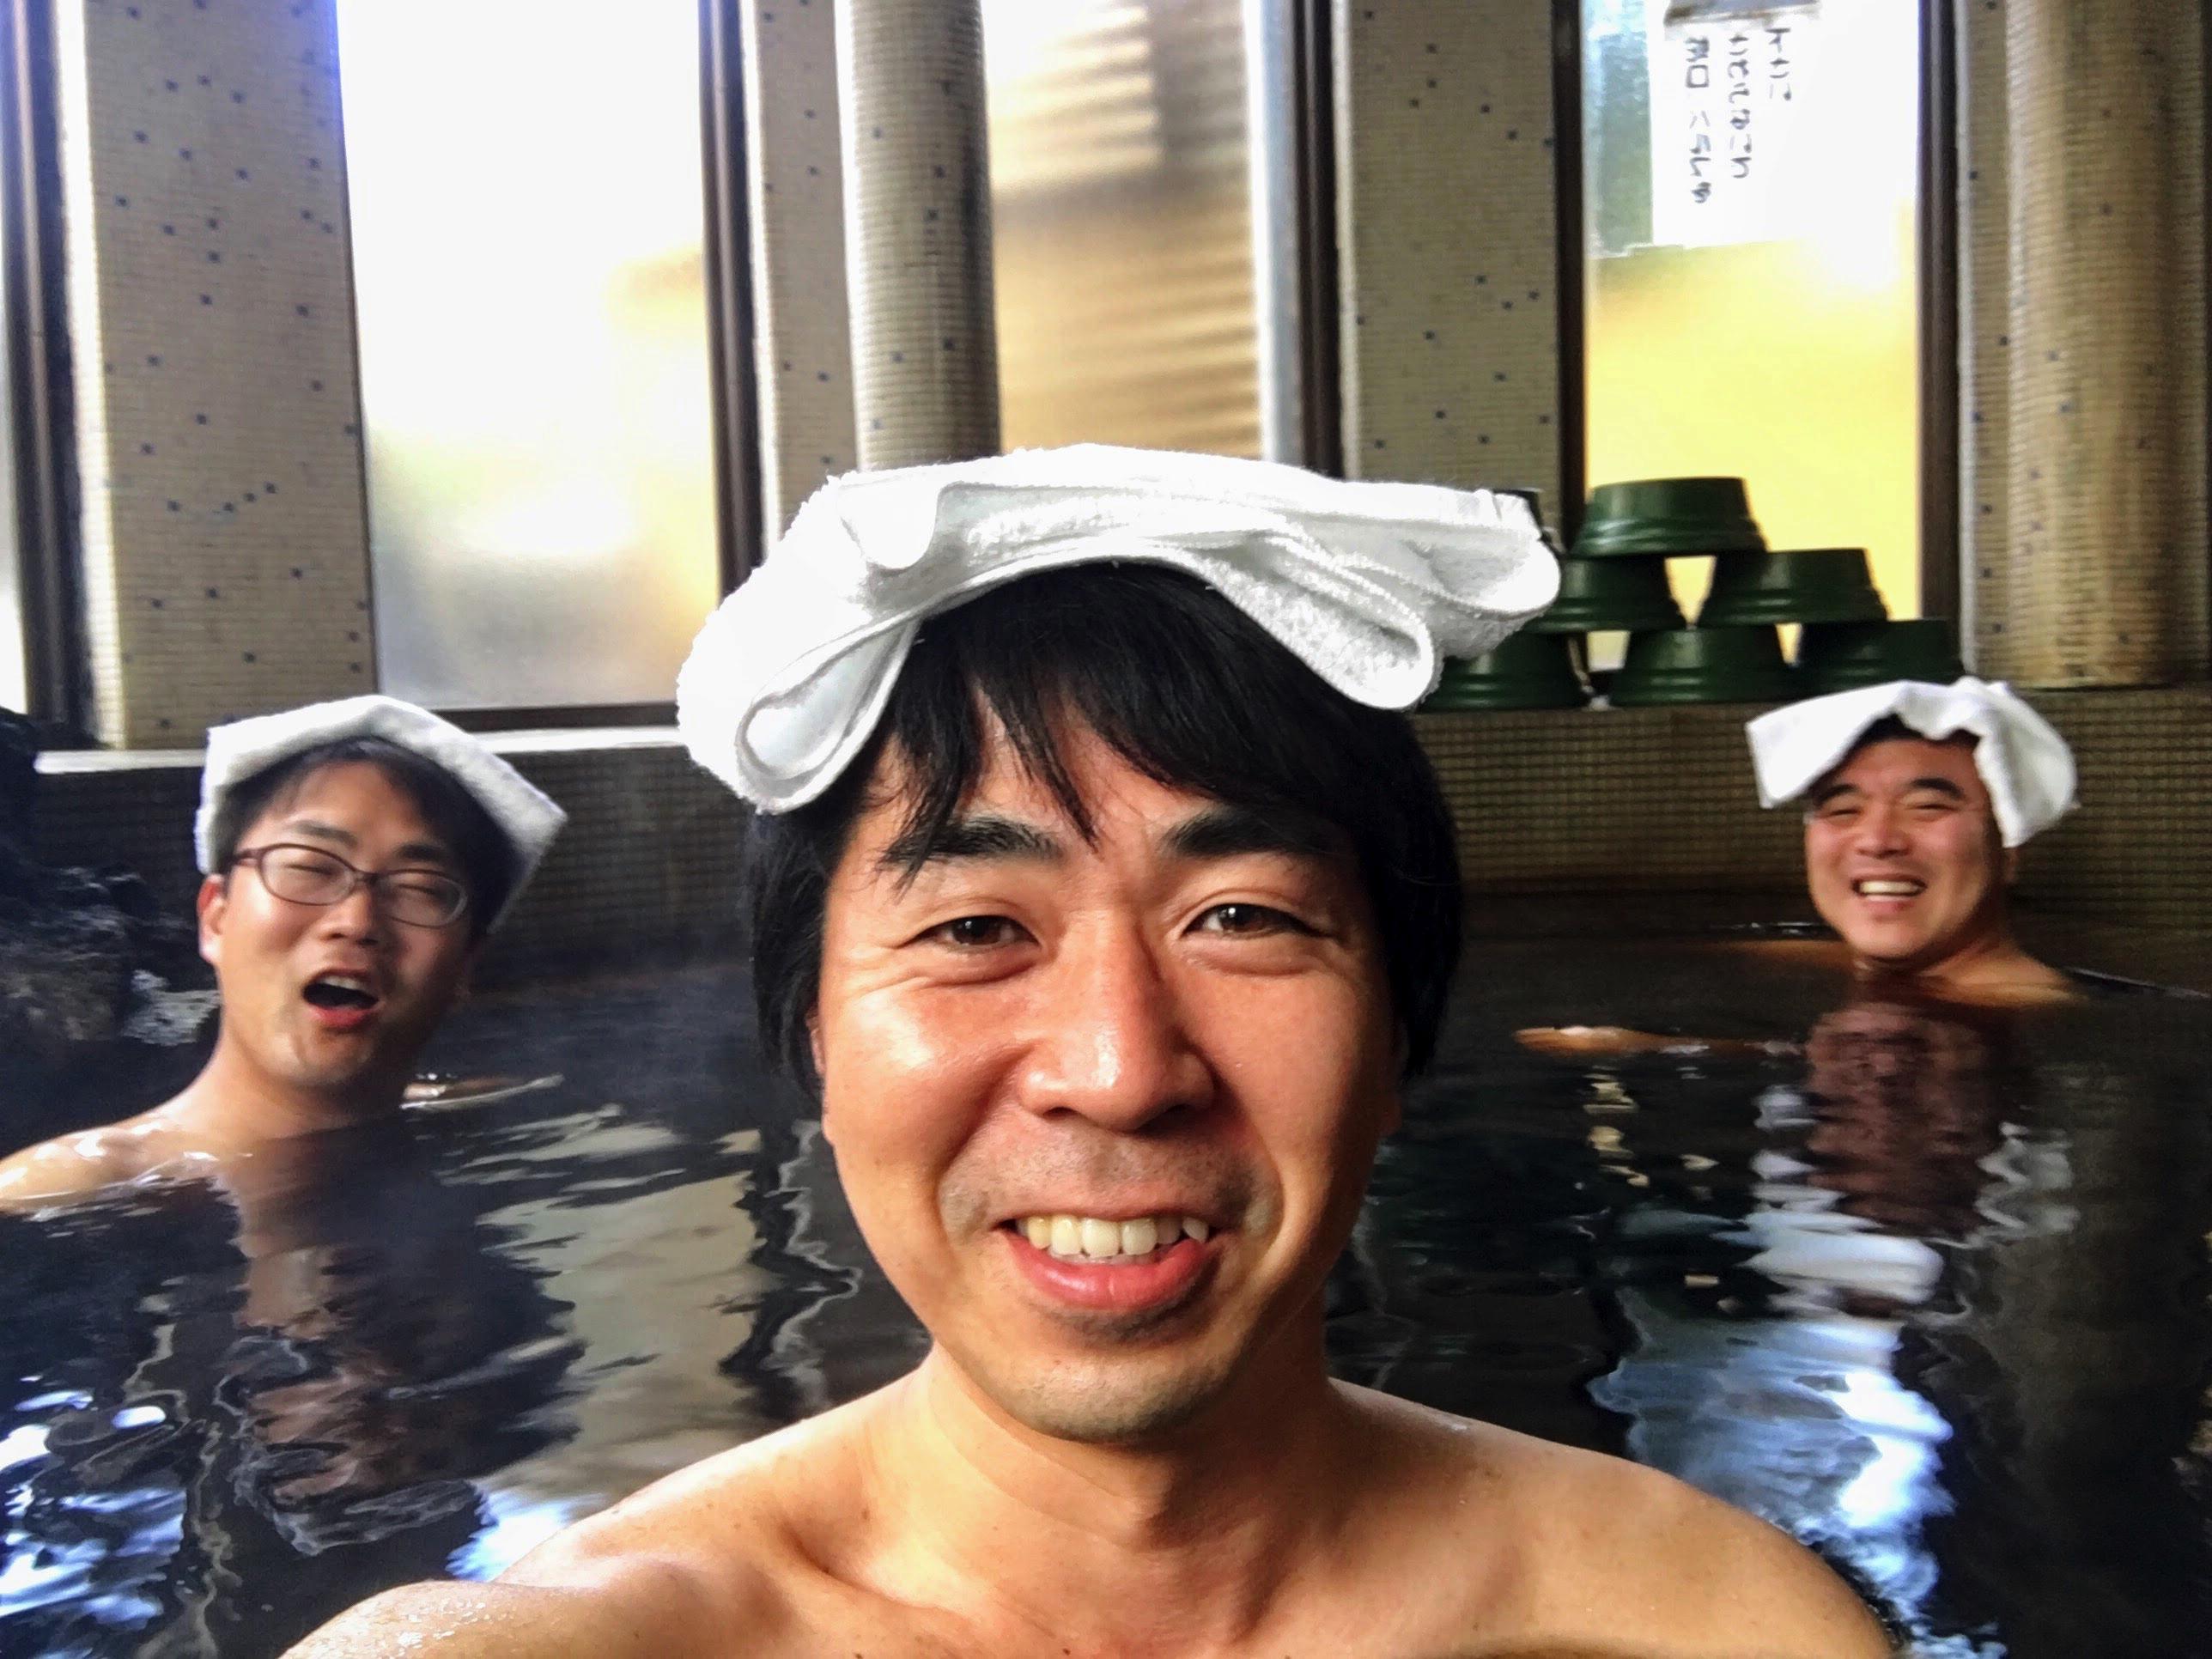 【東京湾フェリーに乗って春の南房総へ!前編】日帰り天然温泉でポカポカ!『逃げ恥』の聖地で富津産の活魚料理を堪能してきたよ